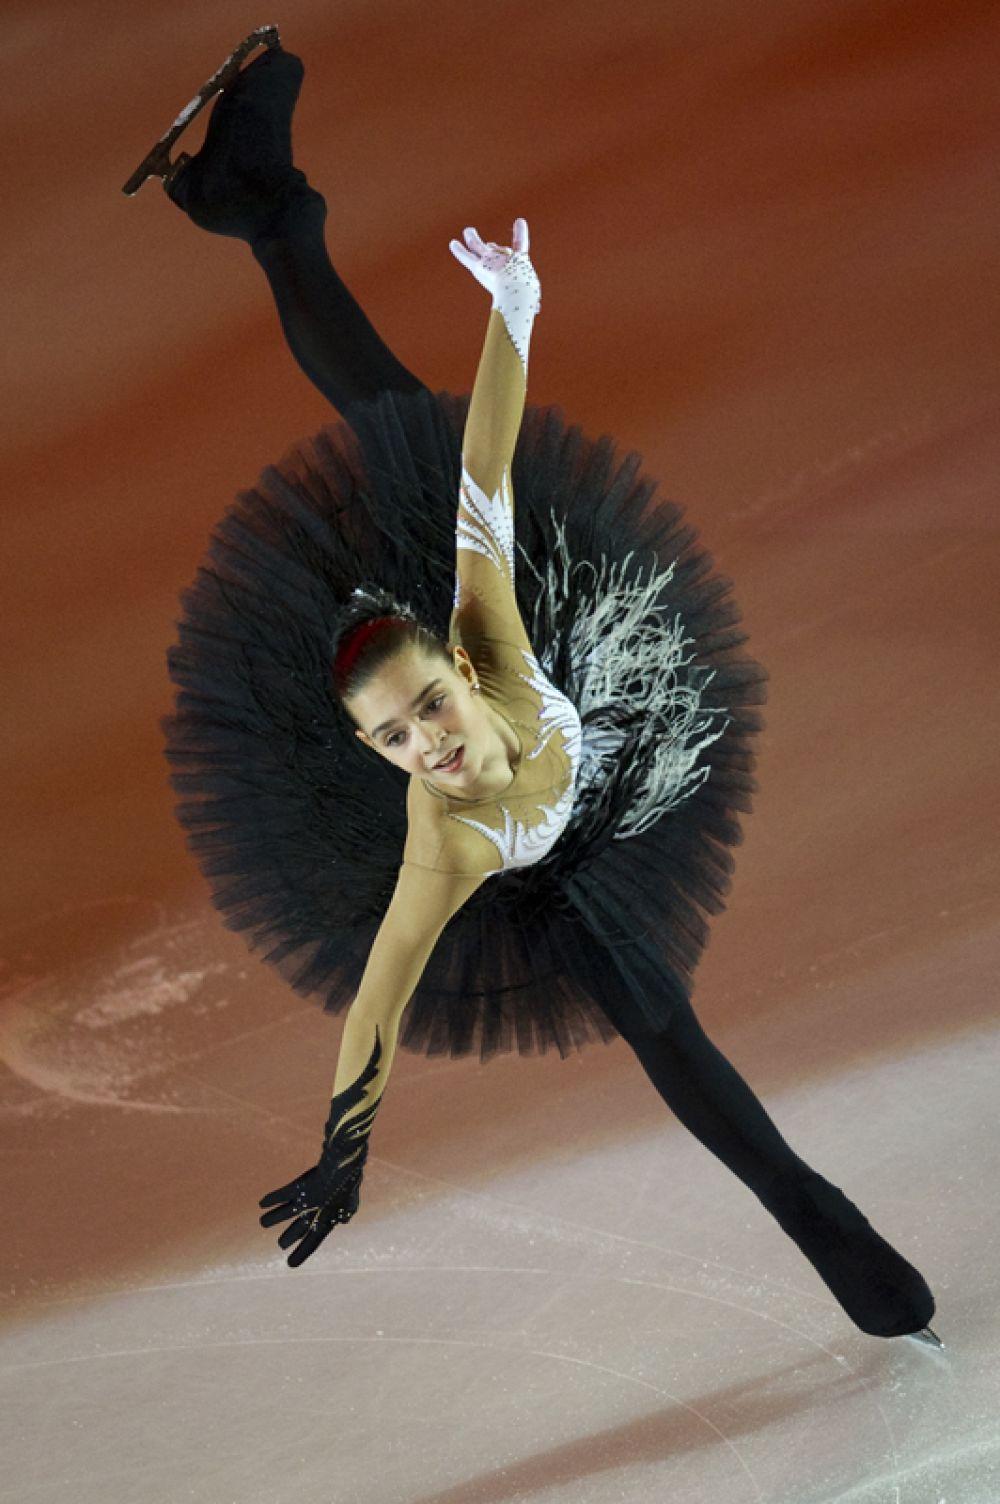 Аделина Сотникова, чемпионка России 2009 года в женском одиночном катании выступает в показательных выступлениях на пятом этапе серии Гран-при по фигурному катанию Cup of Russia. 2010 год.